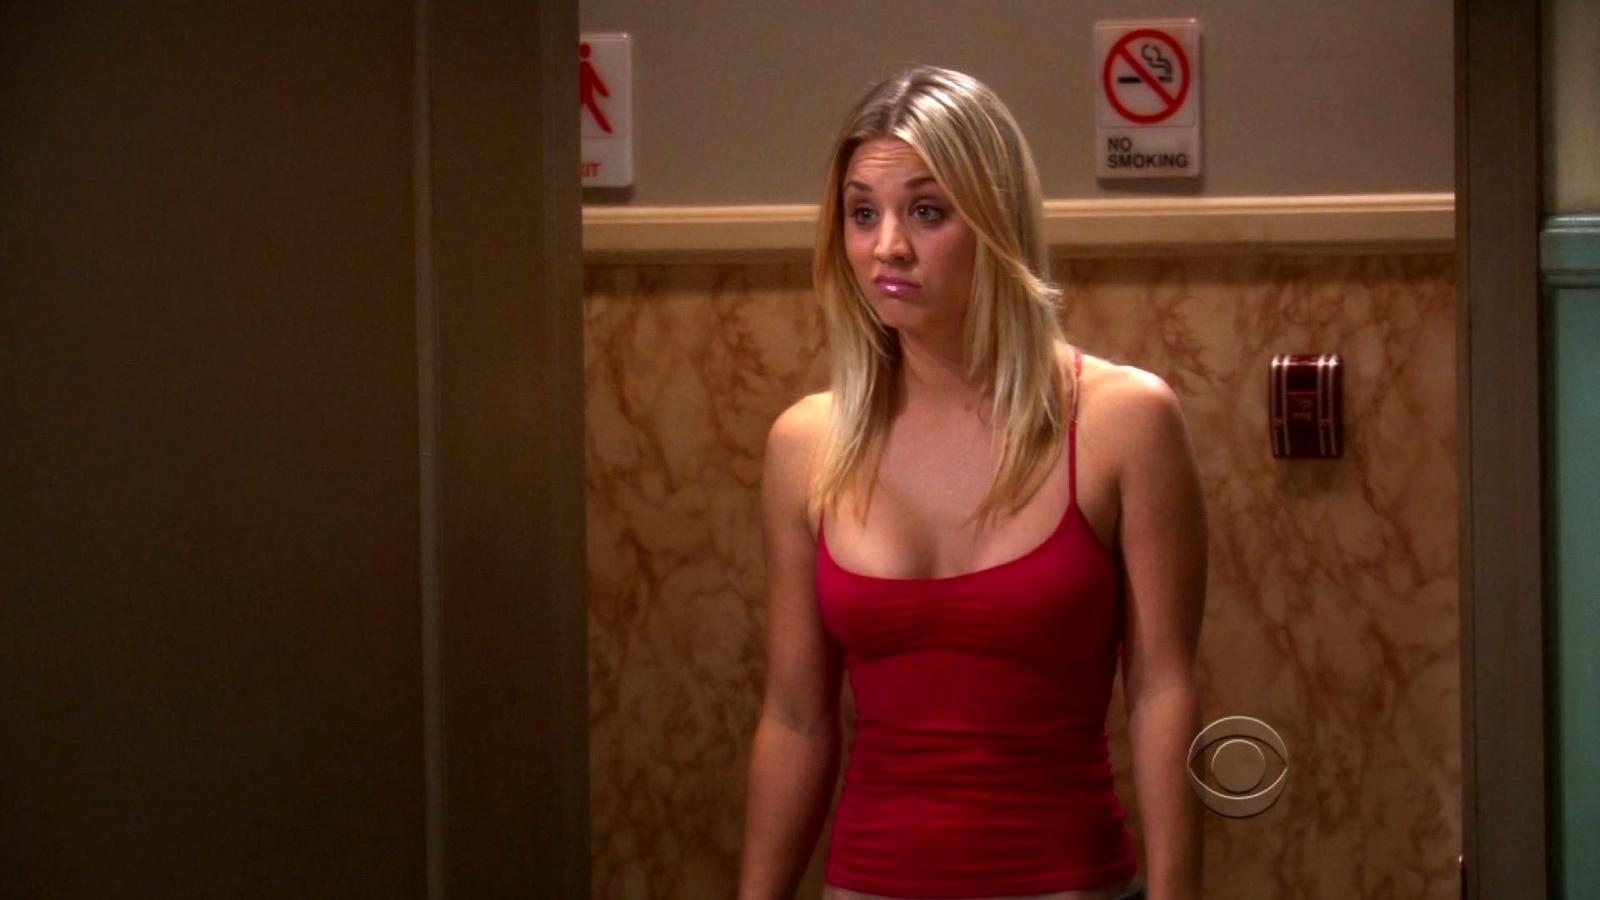 La familia de Penny dará problemas en The Big Bang Theory